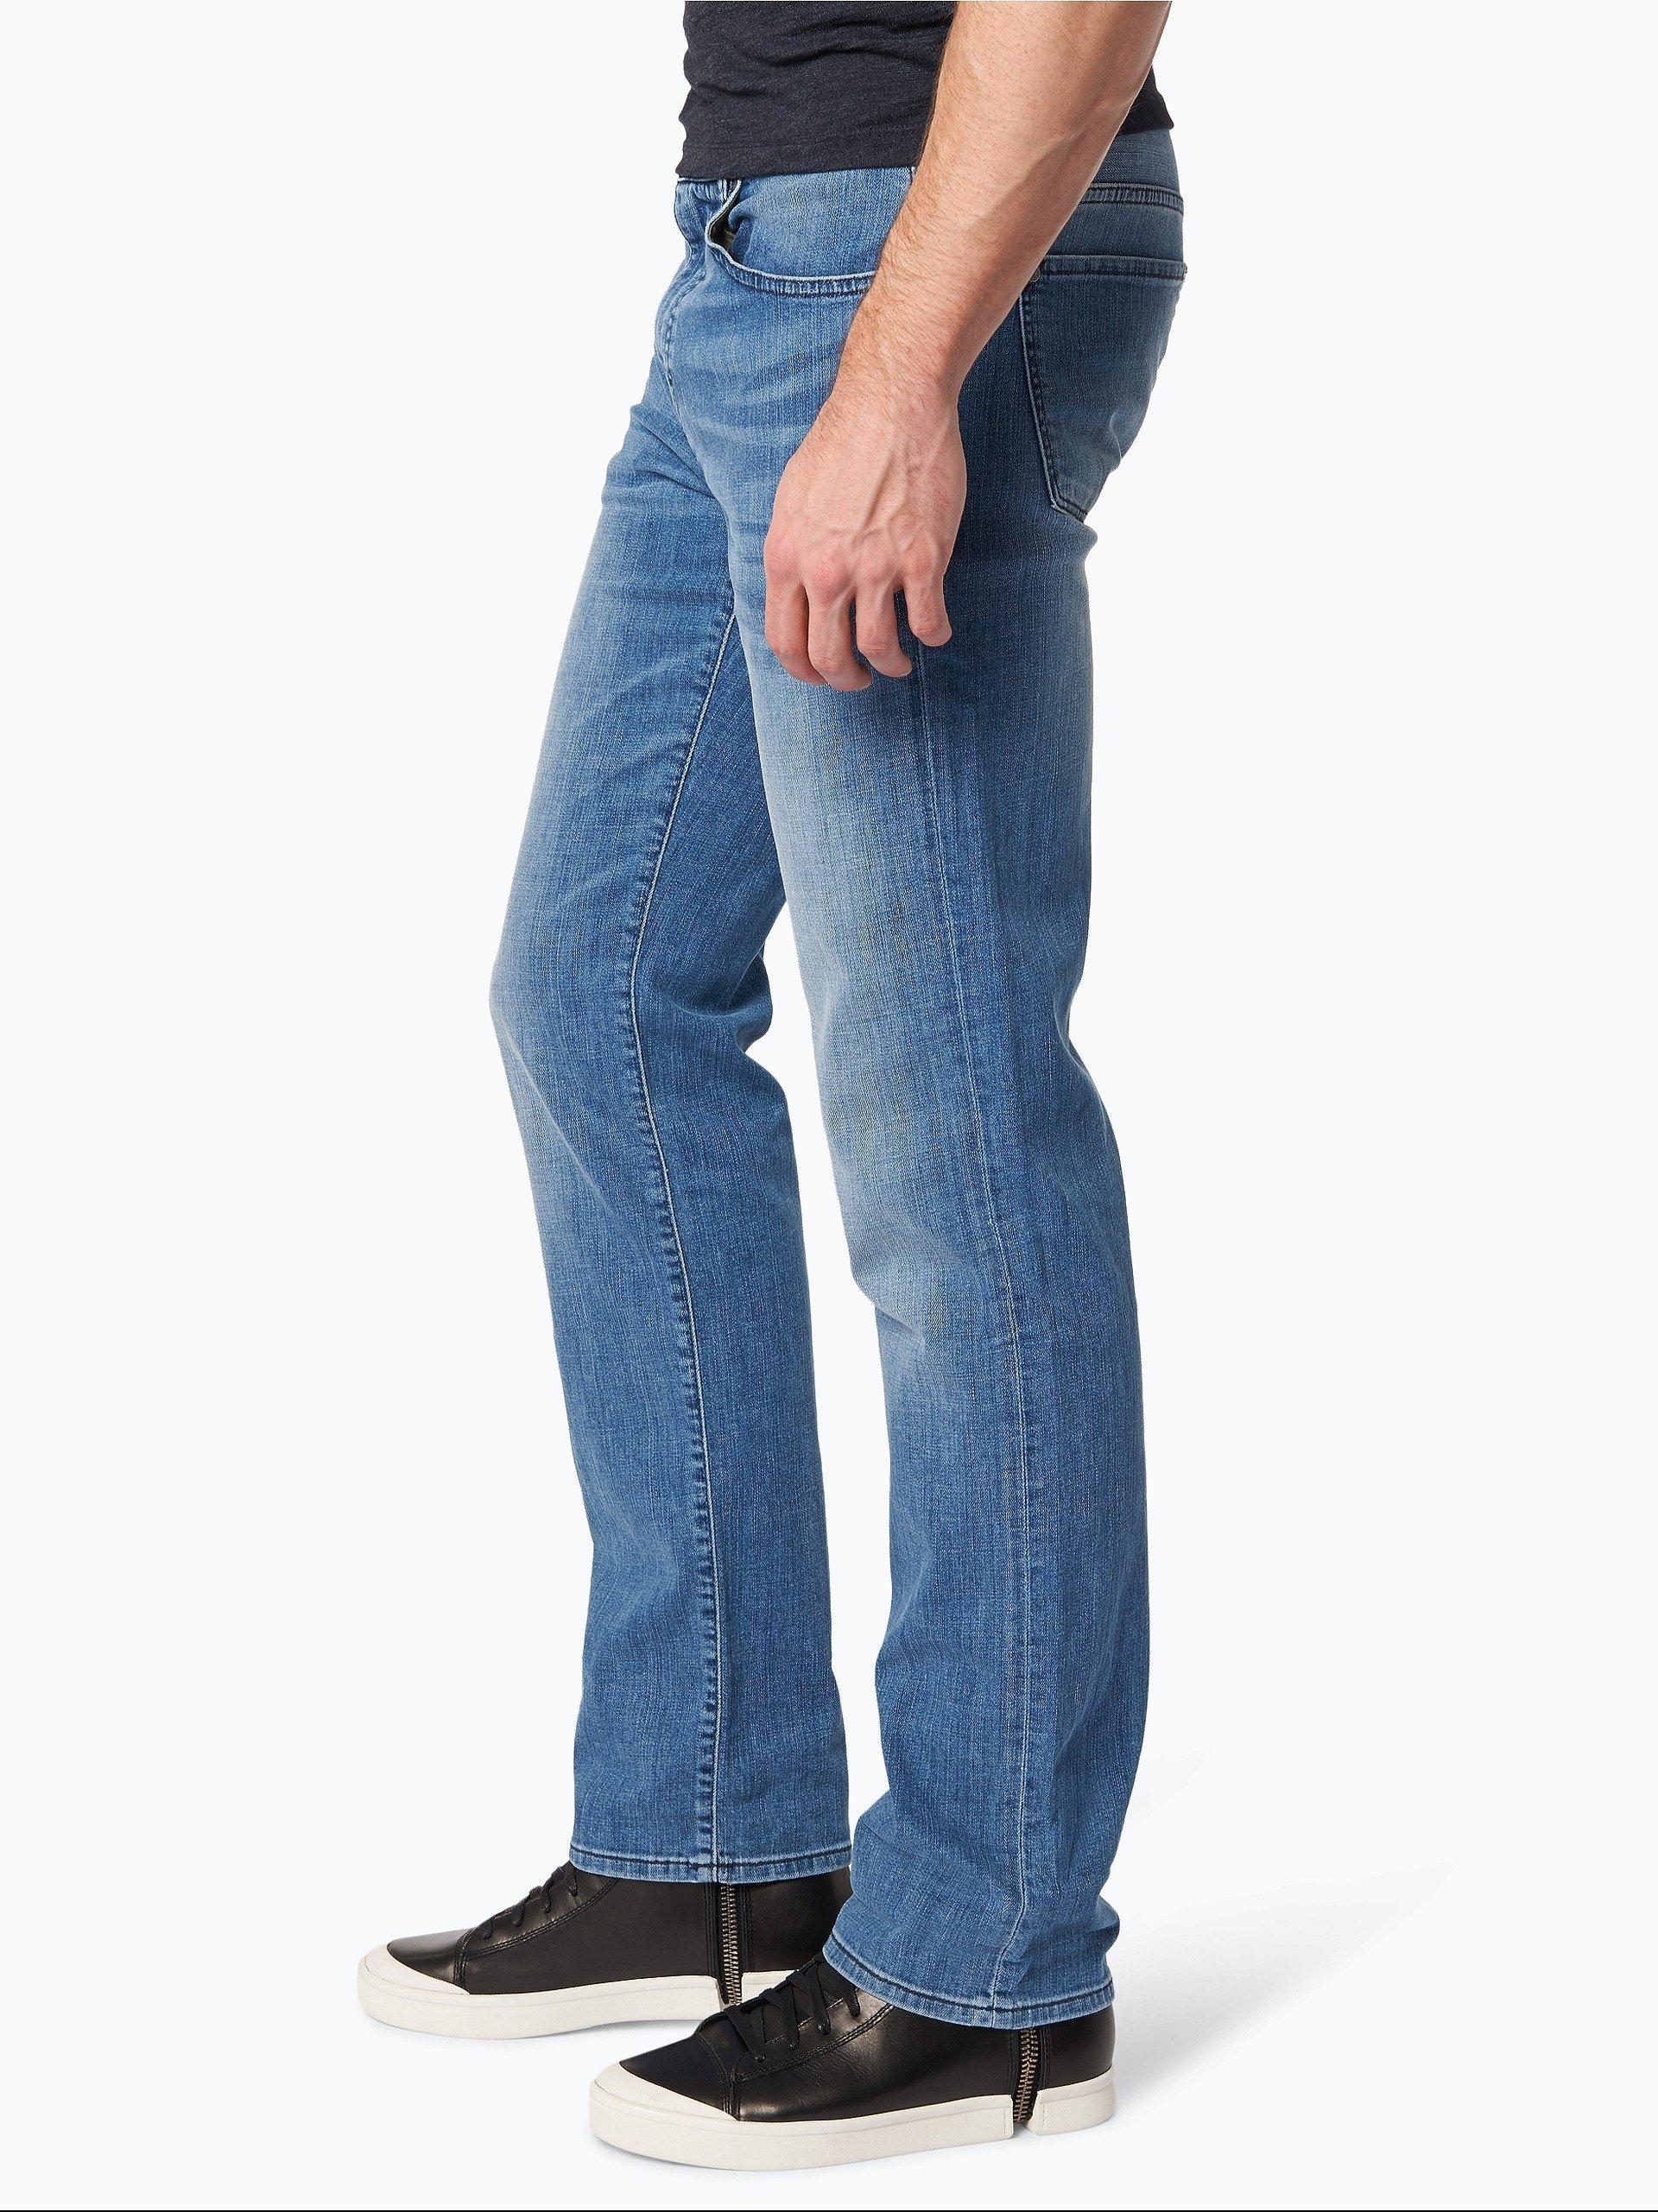 boss green herren jeans c kansas medium stone uni online kaufen peek und cloppenburg de. Black Bedroom Furniture Sets. Home Design Ideas